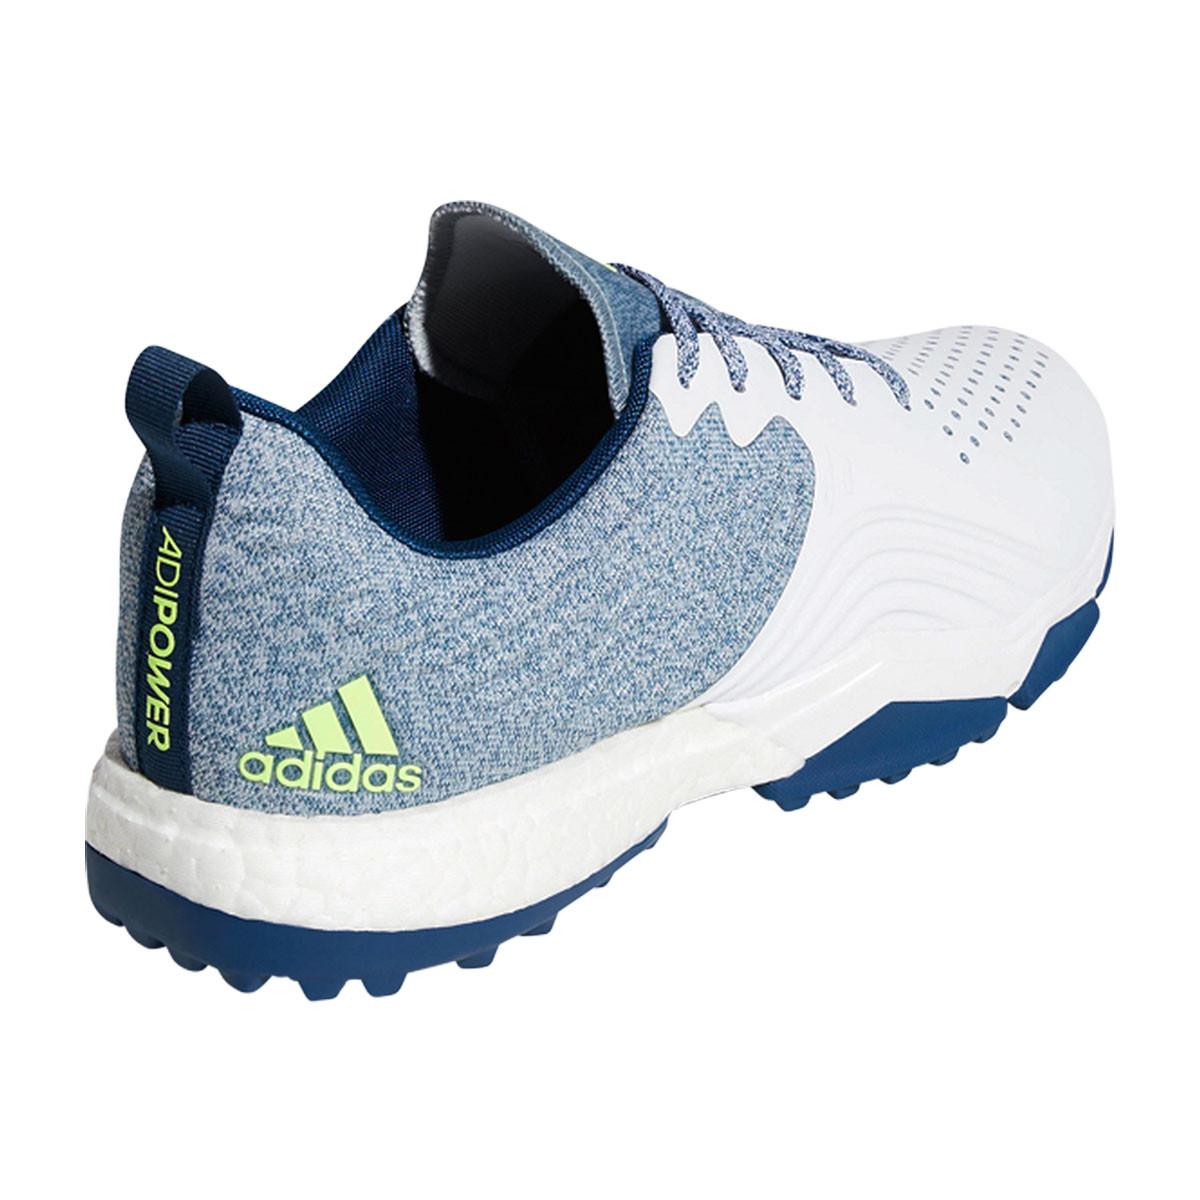 half off 4e9eb 51326 ... adidas Golf Mens 2019 Adipower Spikeless Golf Shoes.  Back. prev